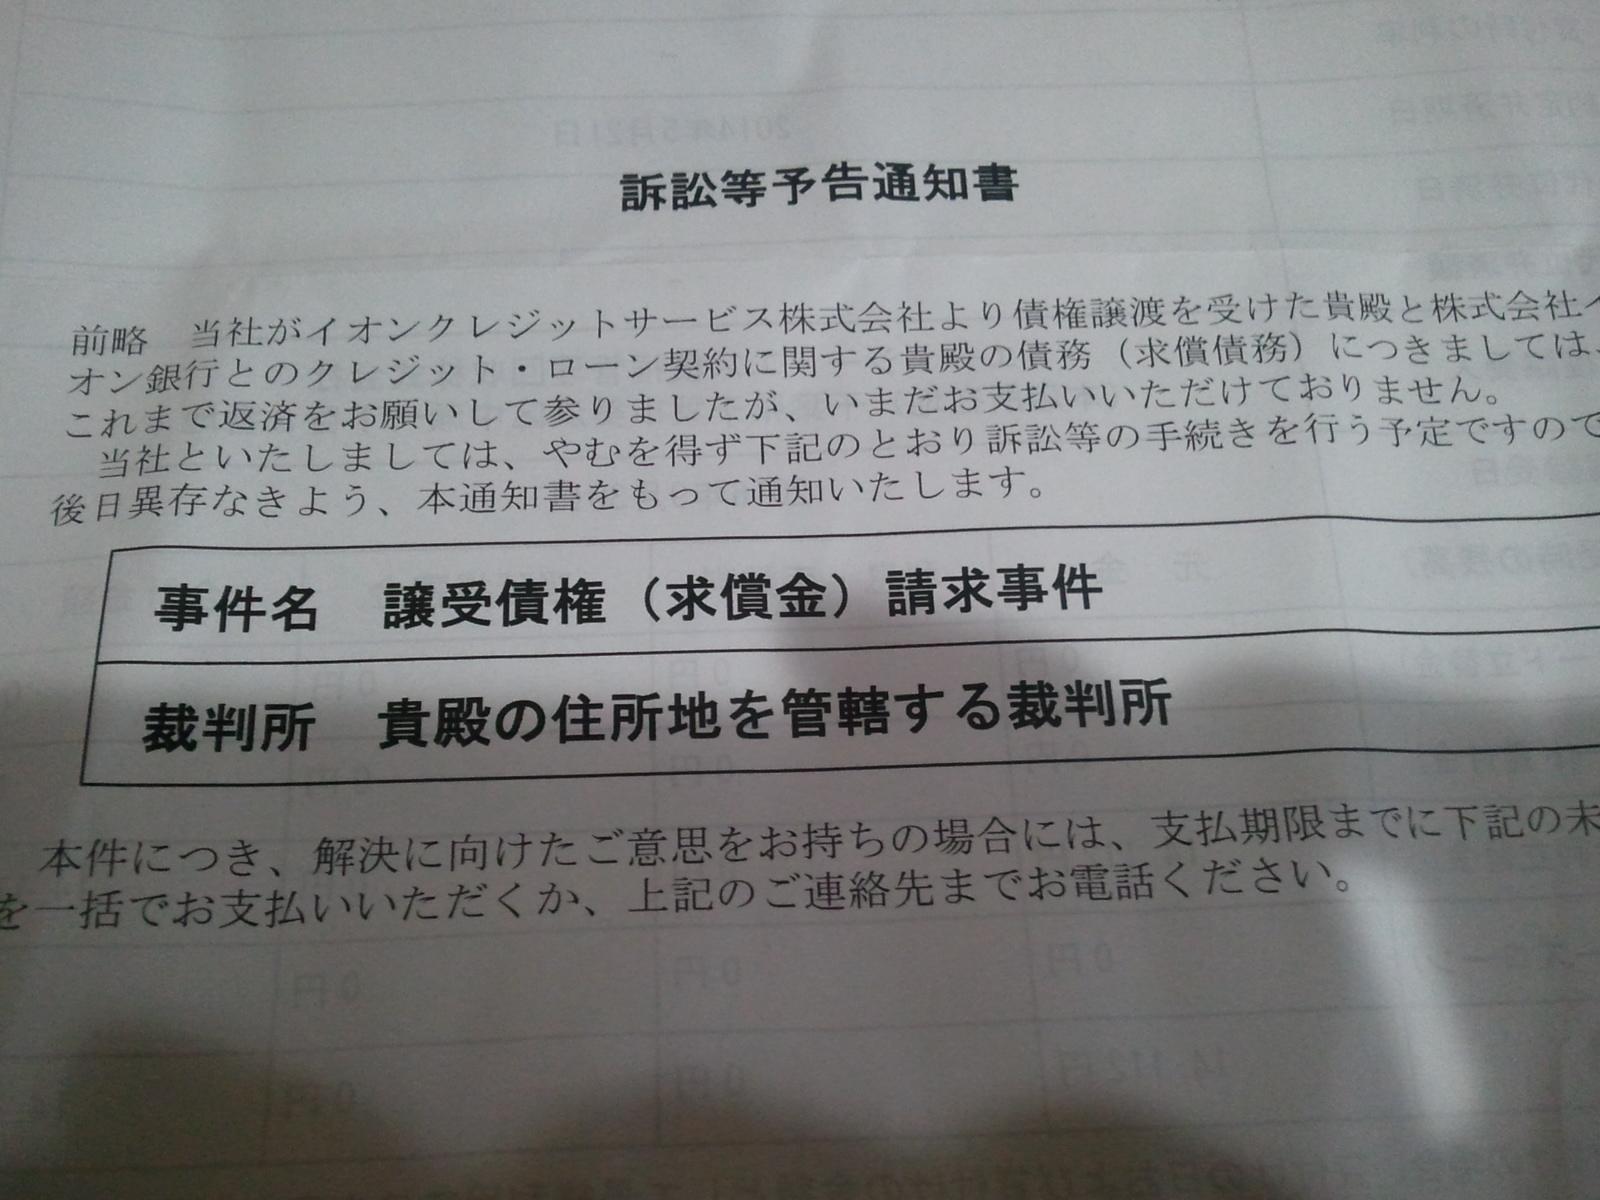 エー・シー・エス債権管理回収(株)から訴訟予告通知書が ...